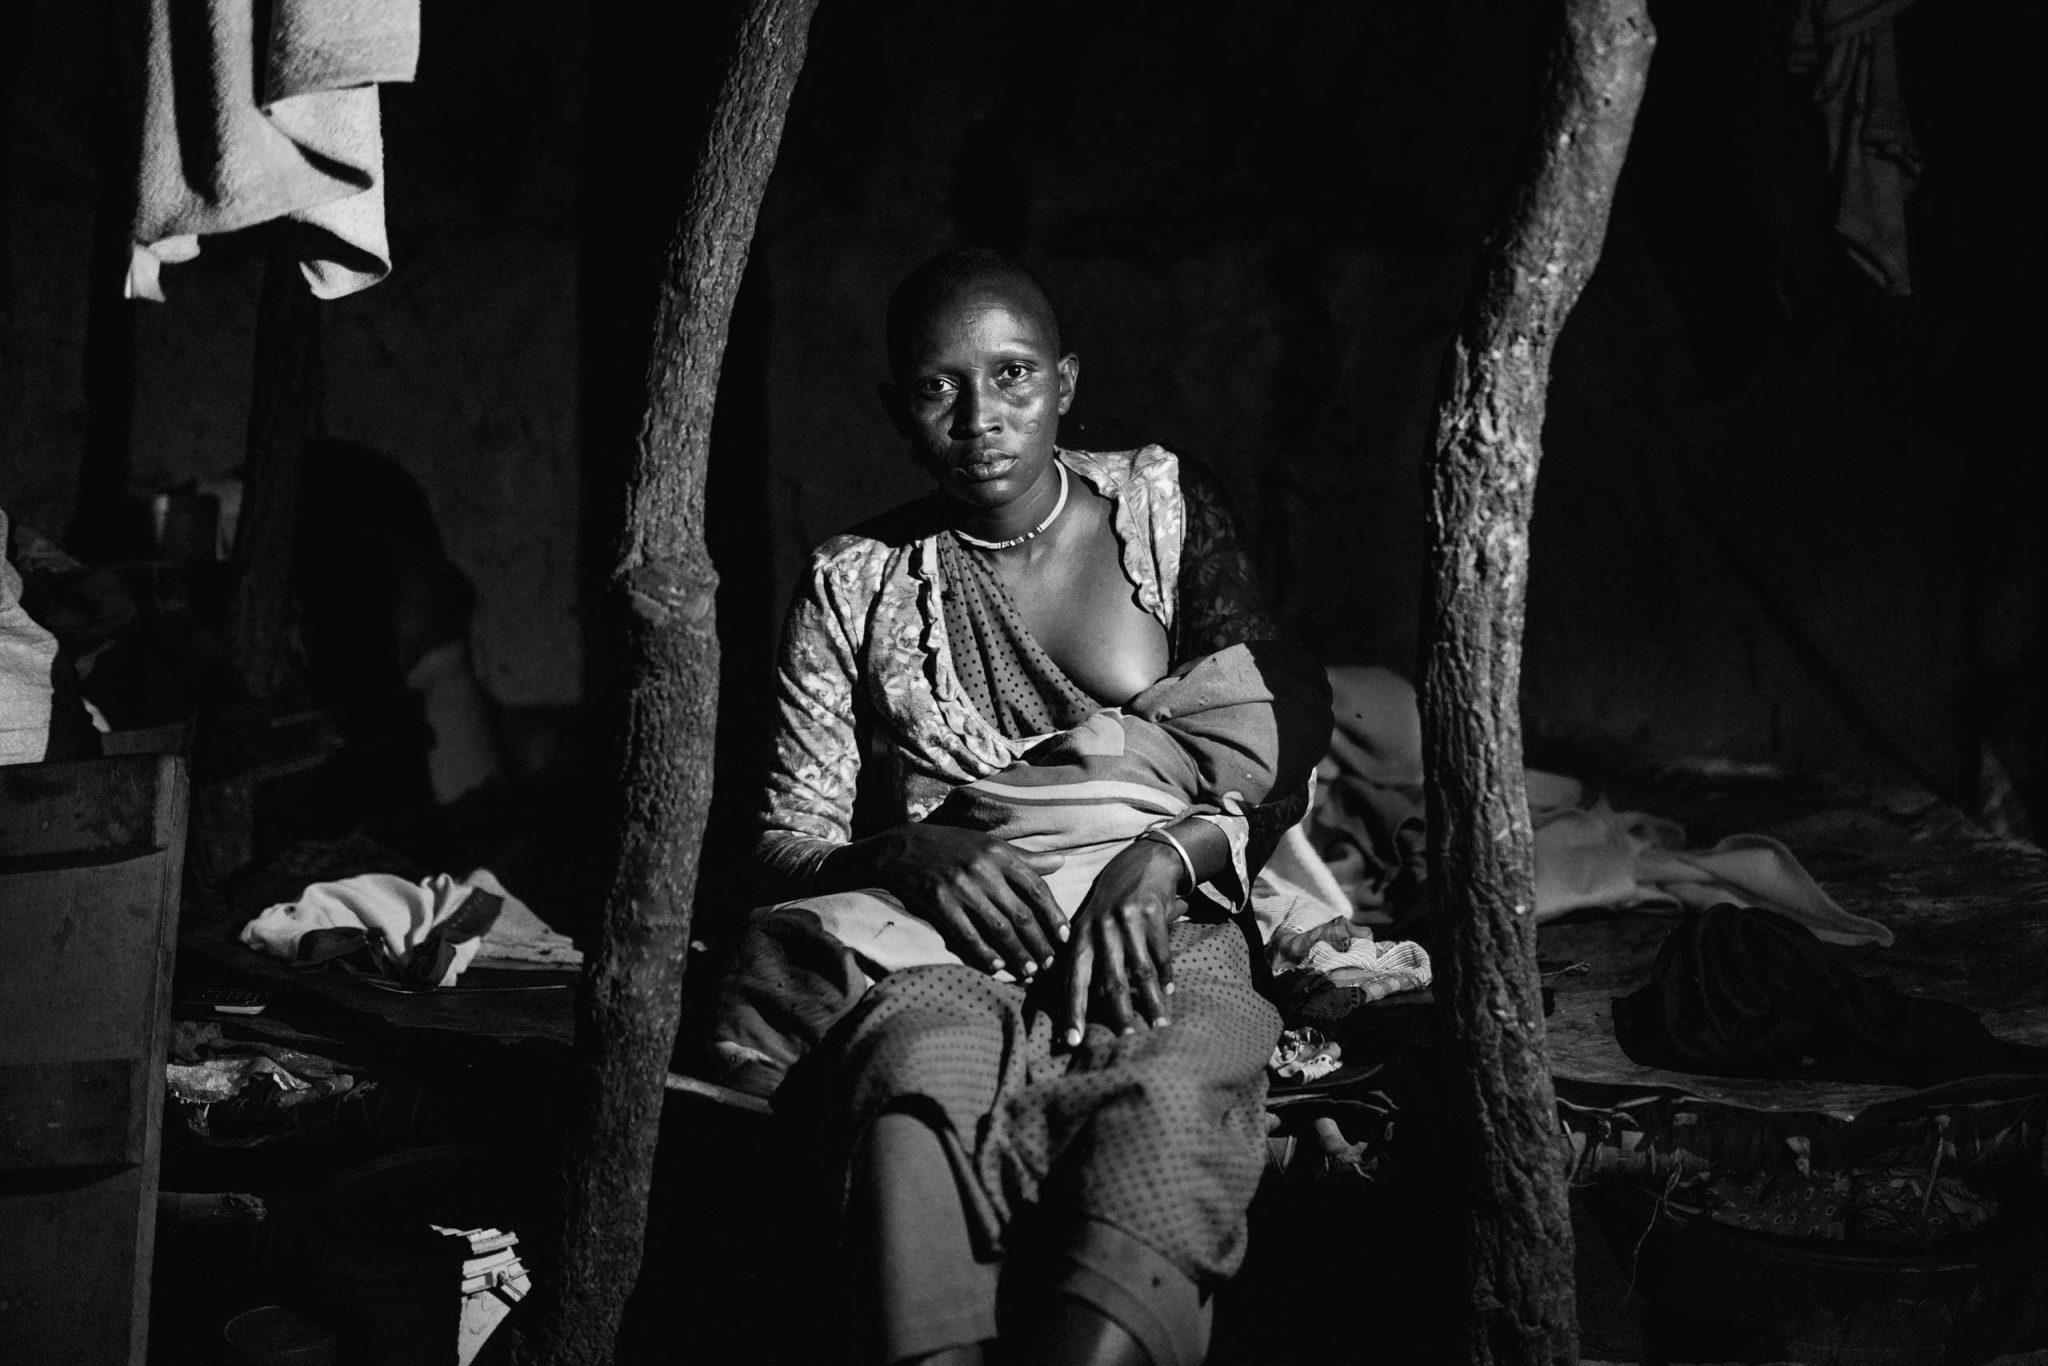 Ilsoo_van_Dijk_Ilsoovandijk_Kenya_The_Raindance_Project_2019_28